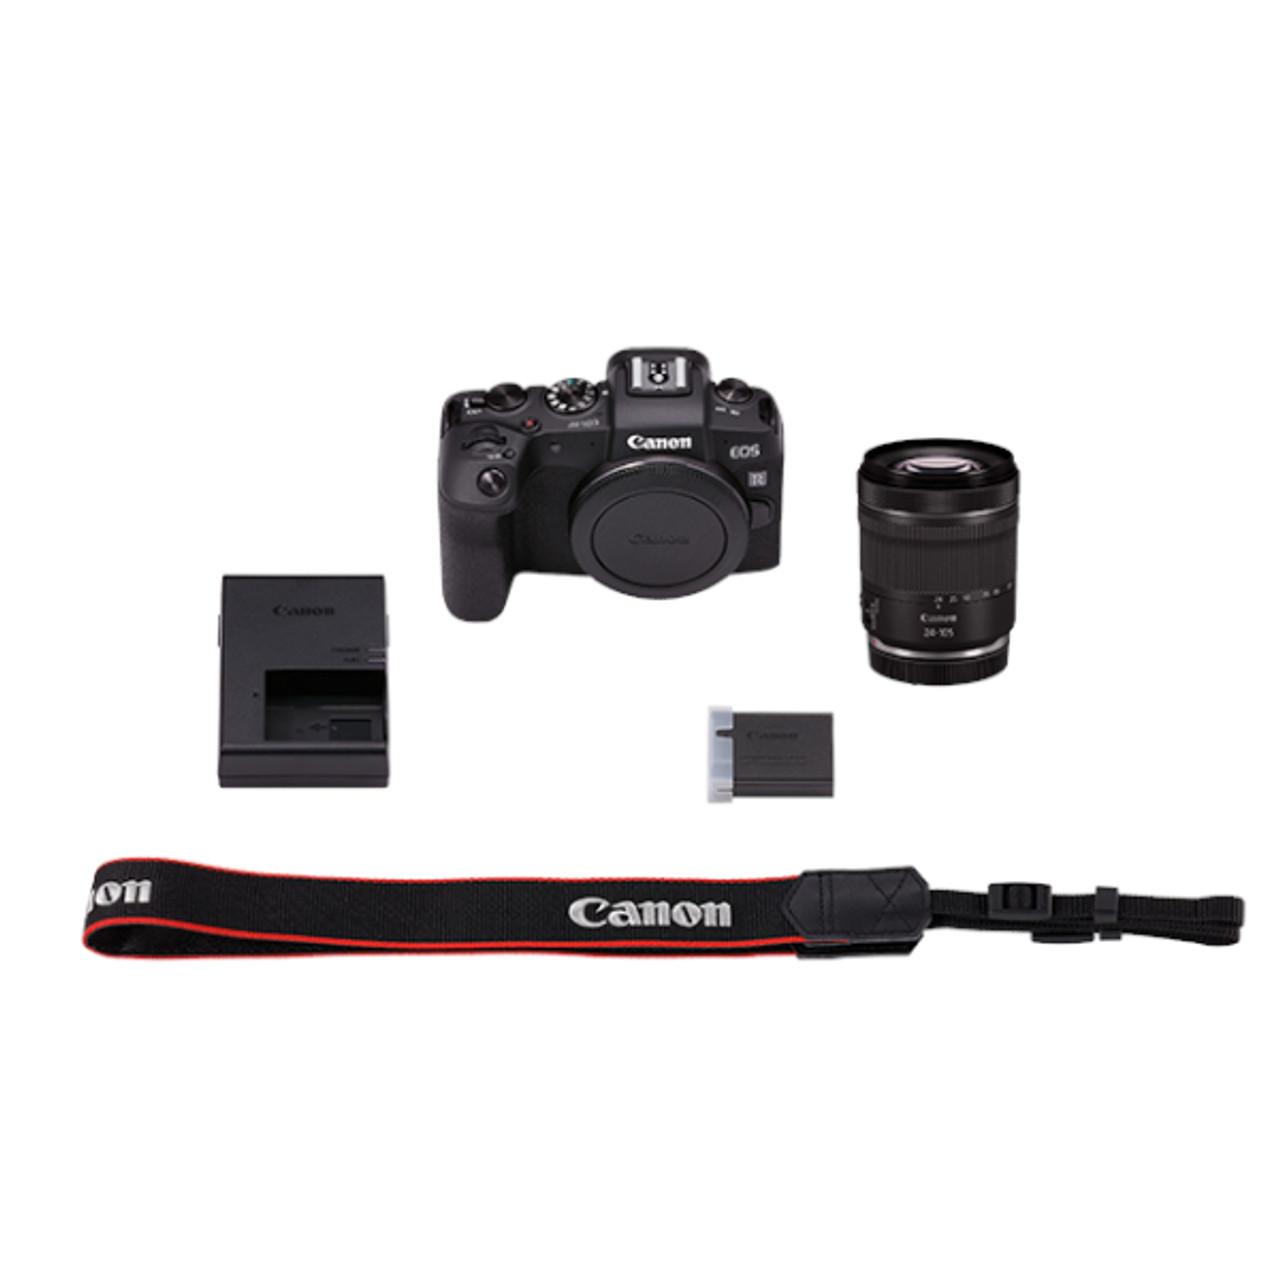 Canon EOS RP RF 24-105mm F4-7.1 IS STM Lens Kit